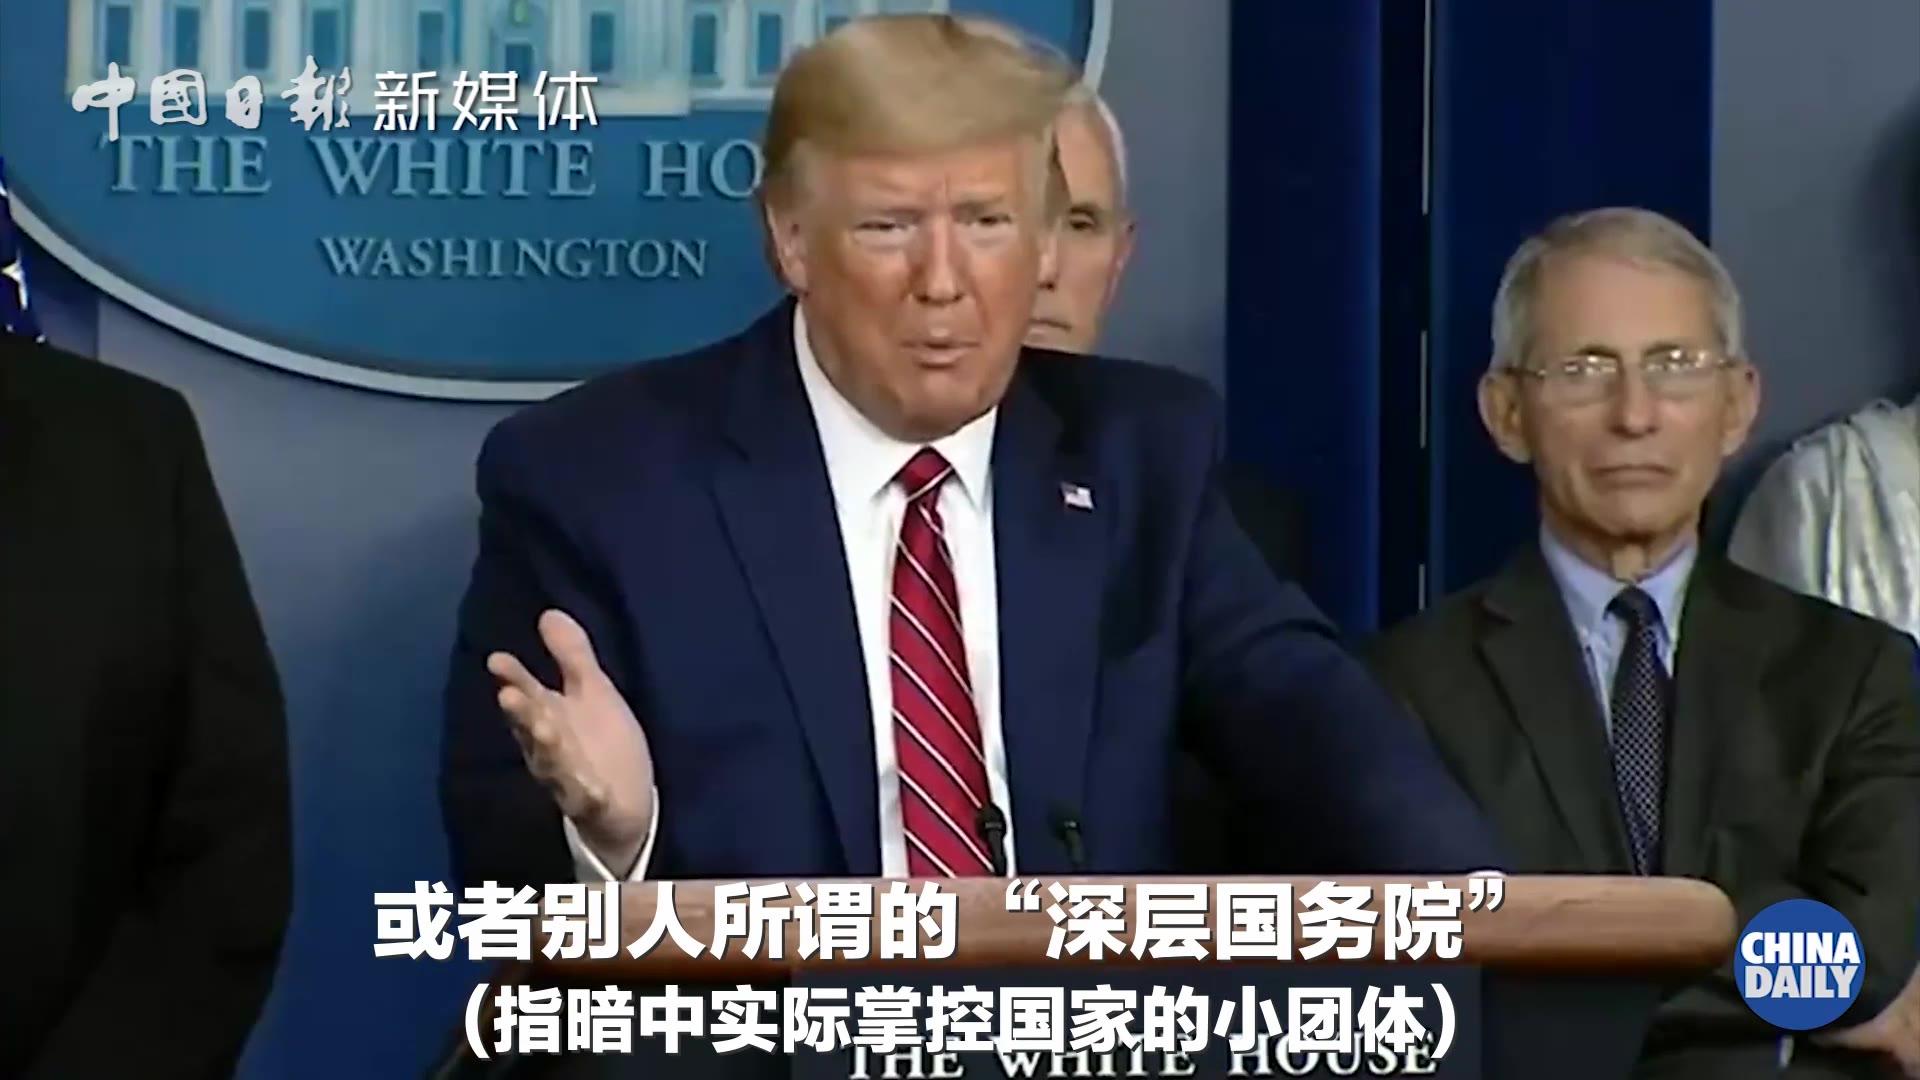 站在特朗普身后的美国专家:总统对中国的指责失实,但我不能跳到麦克风前推他下去